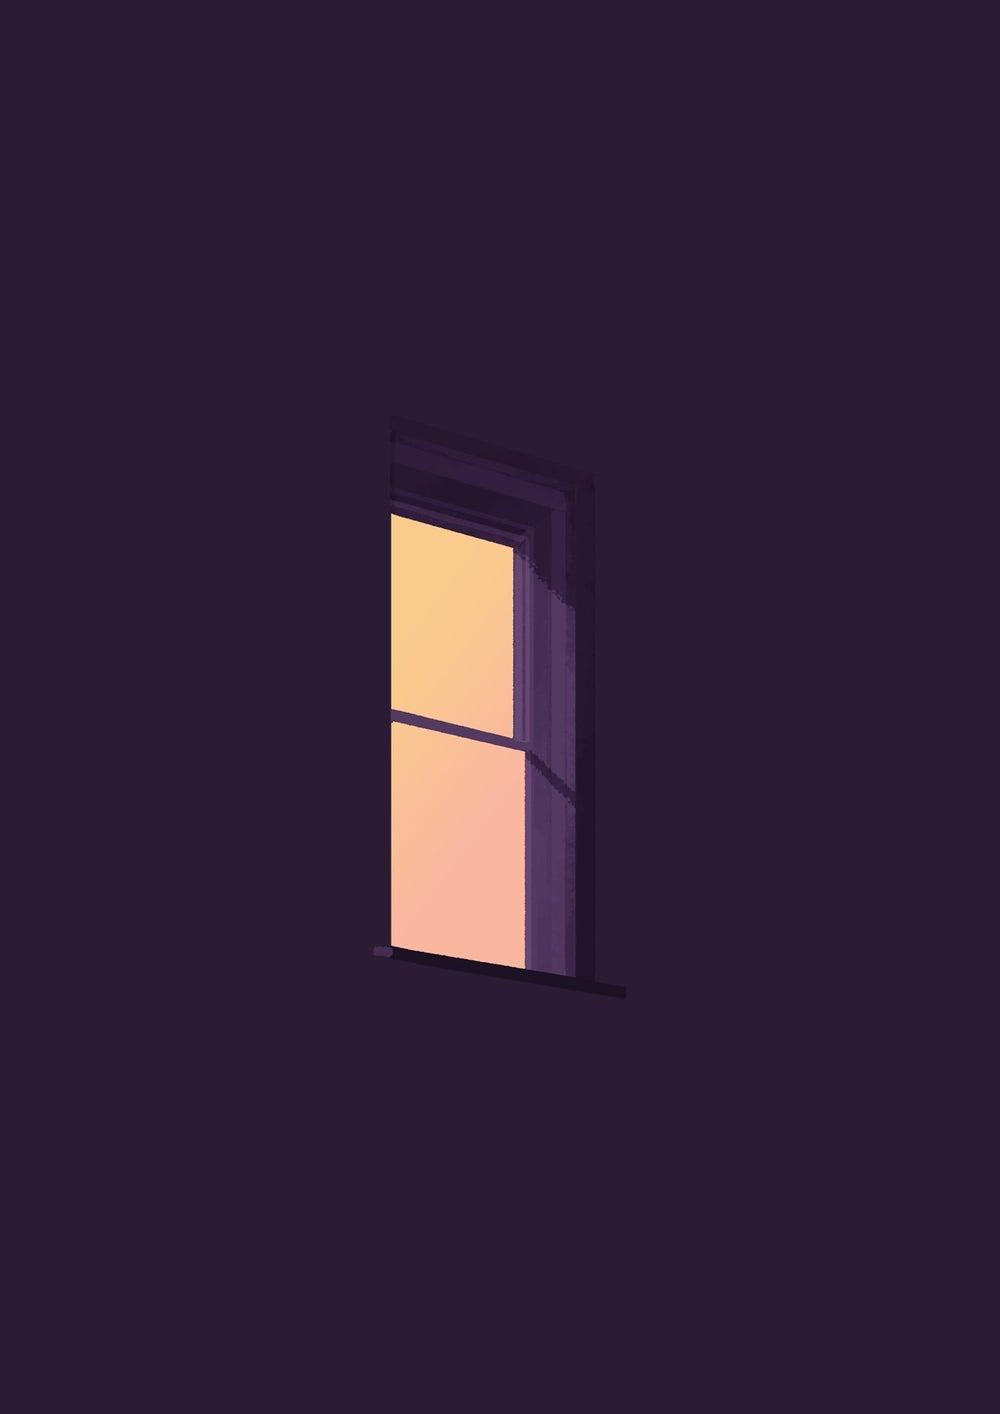 Image of Window